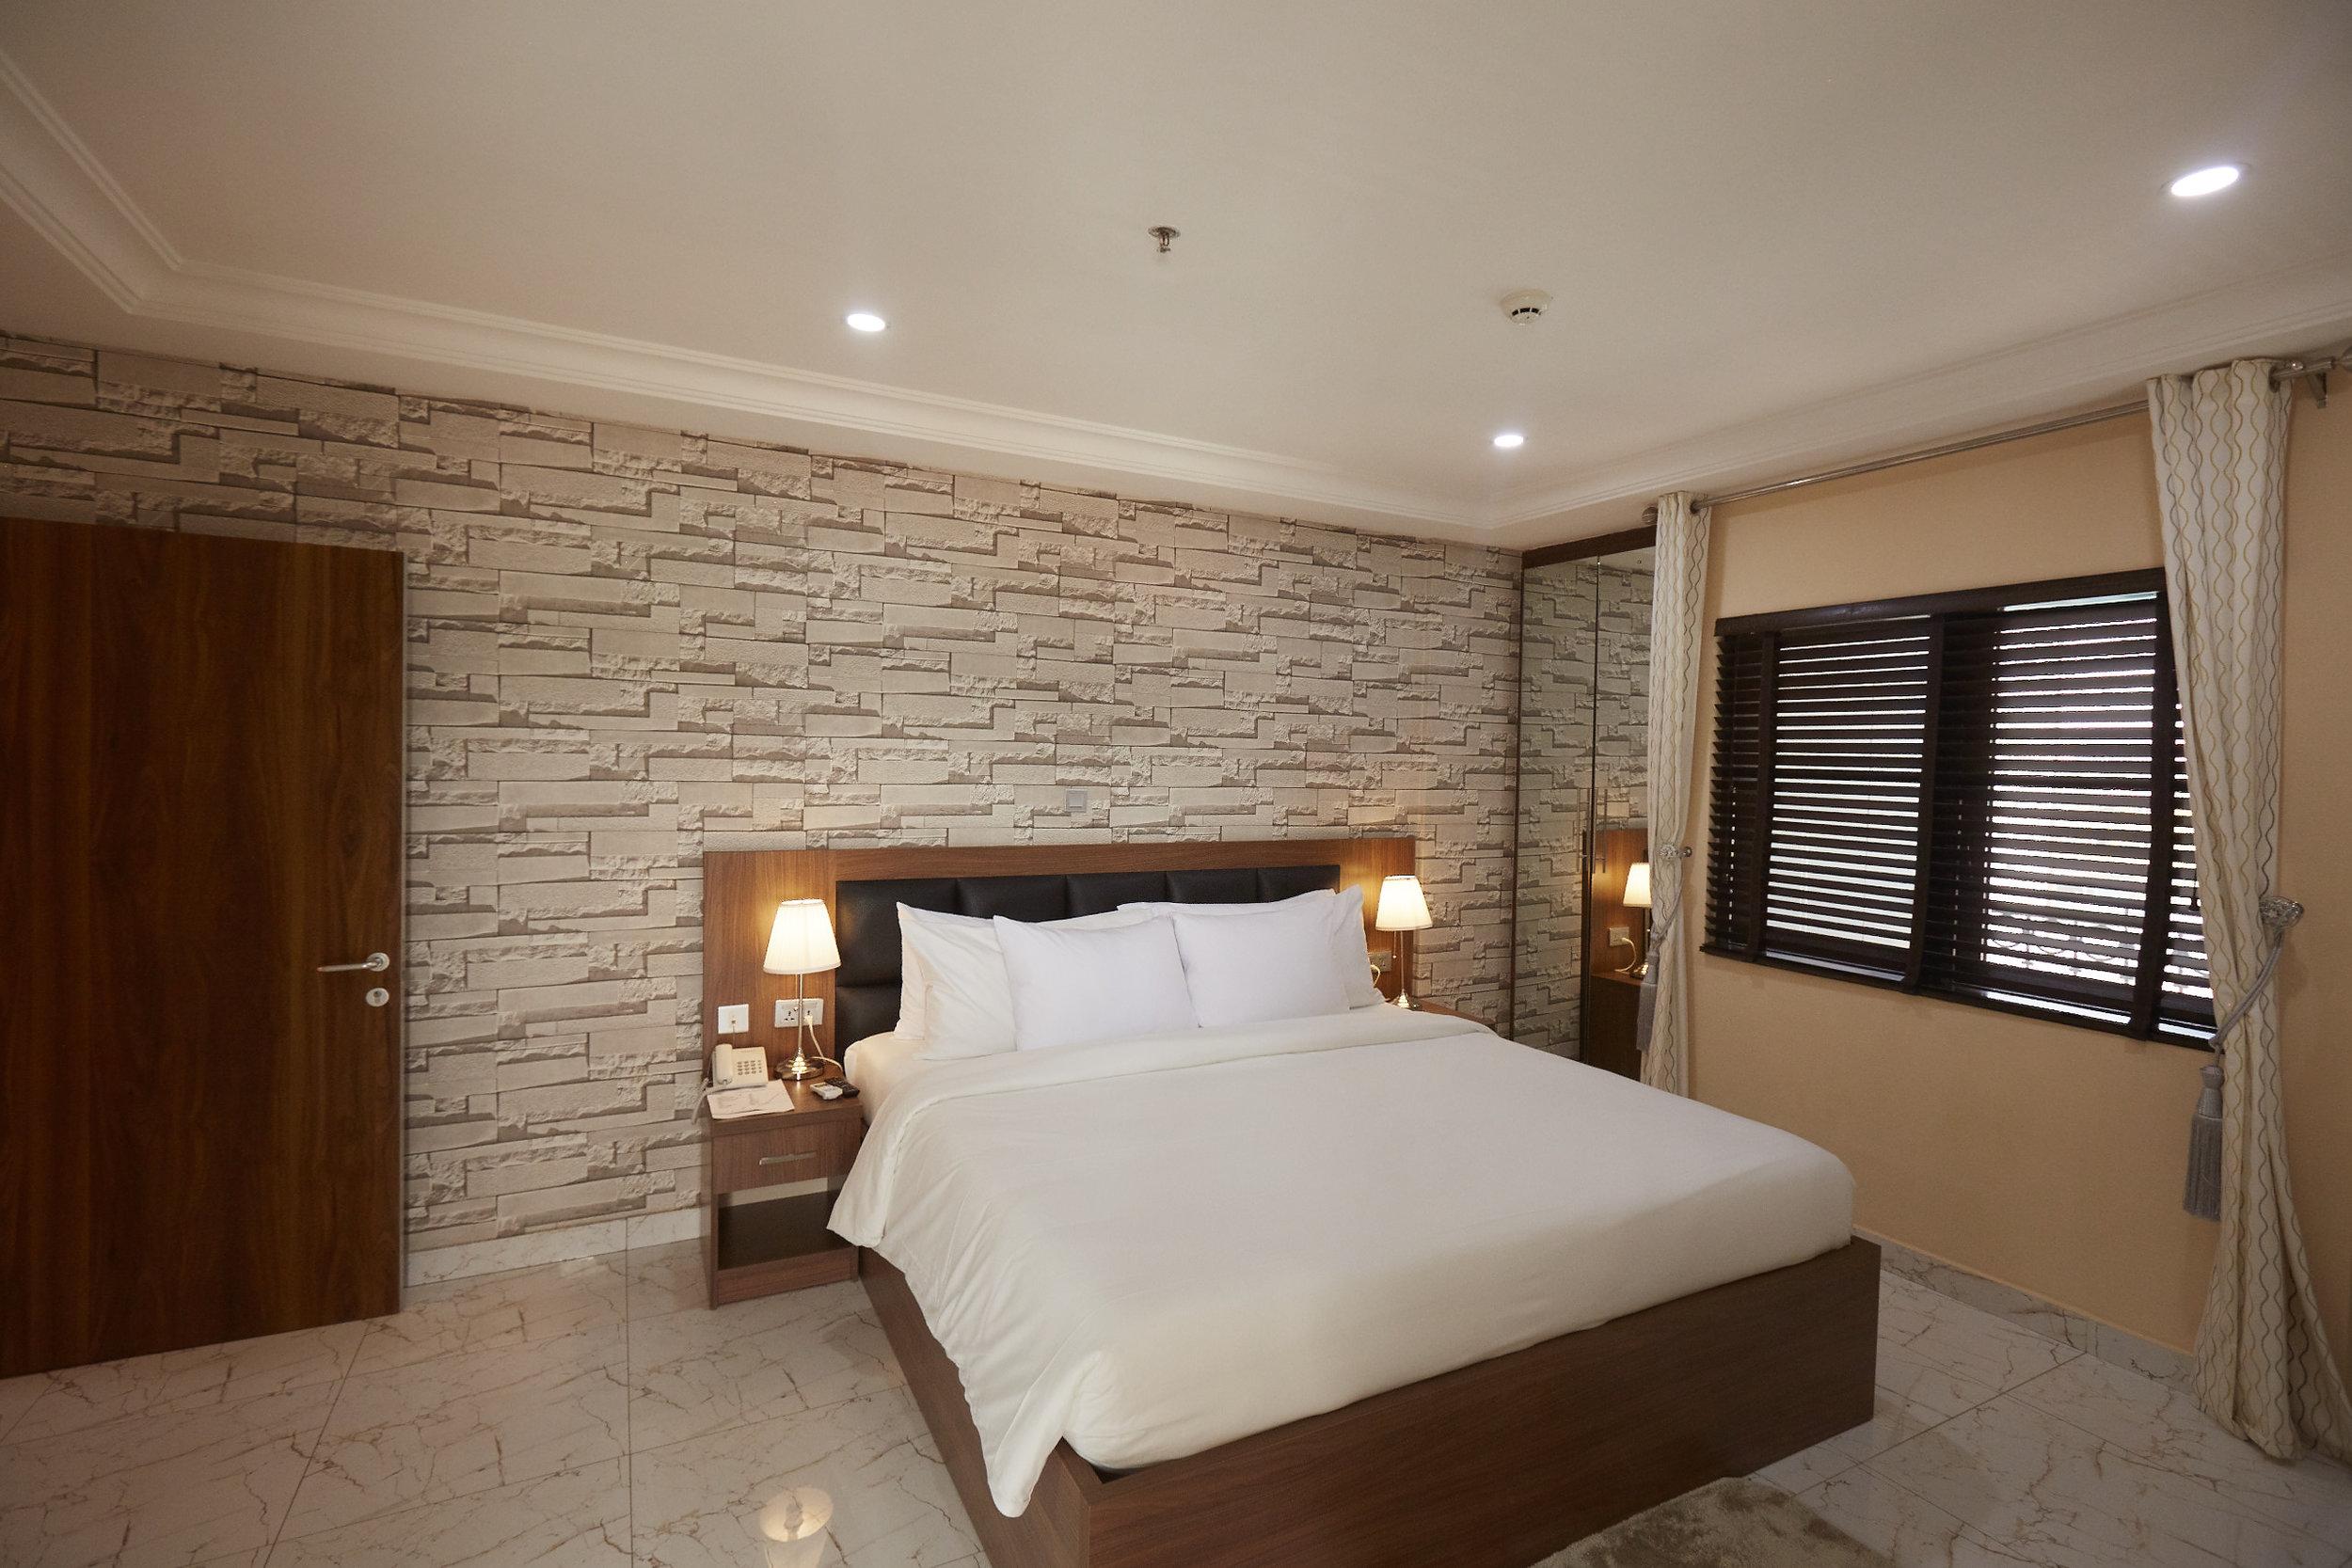 2 Bed Royale Bedroom 1.jpg